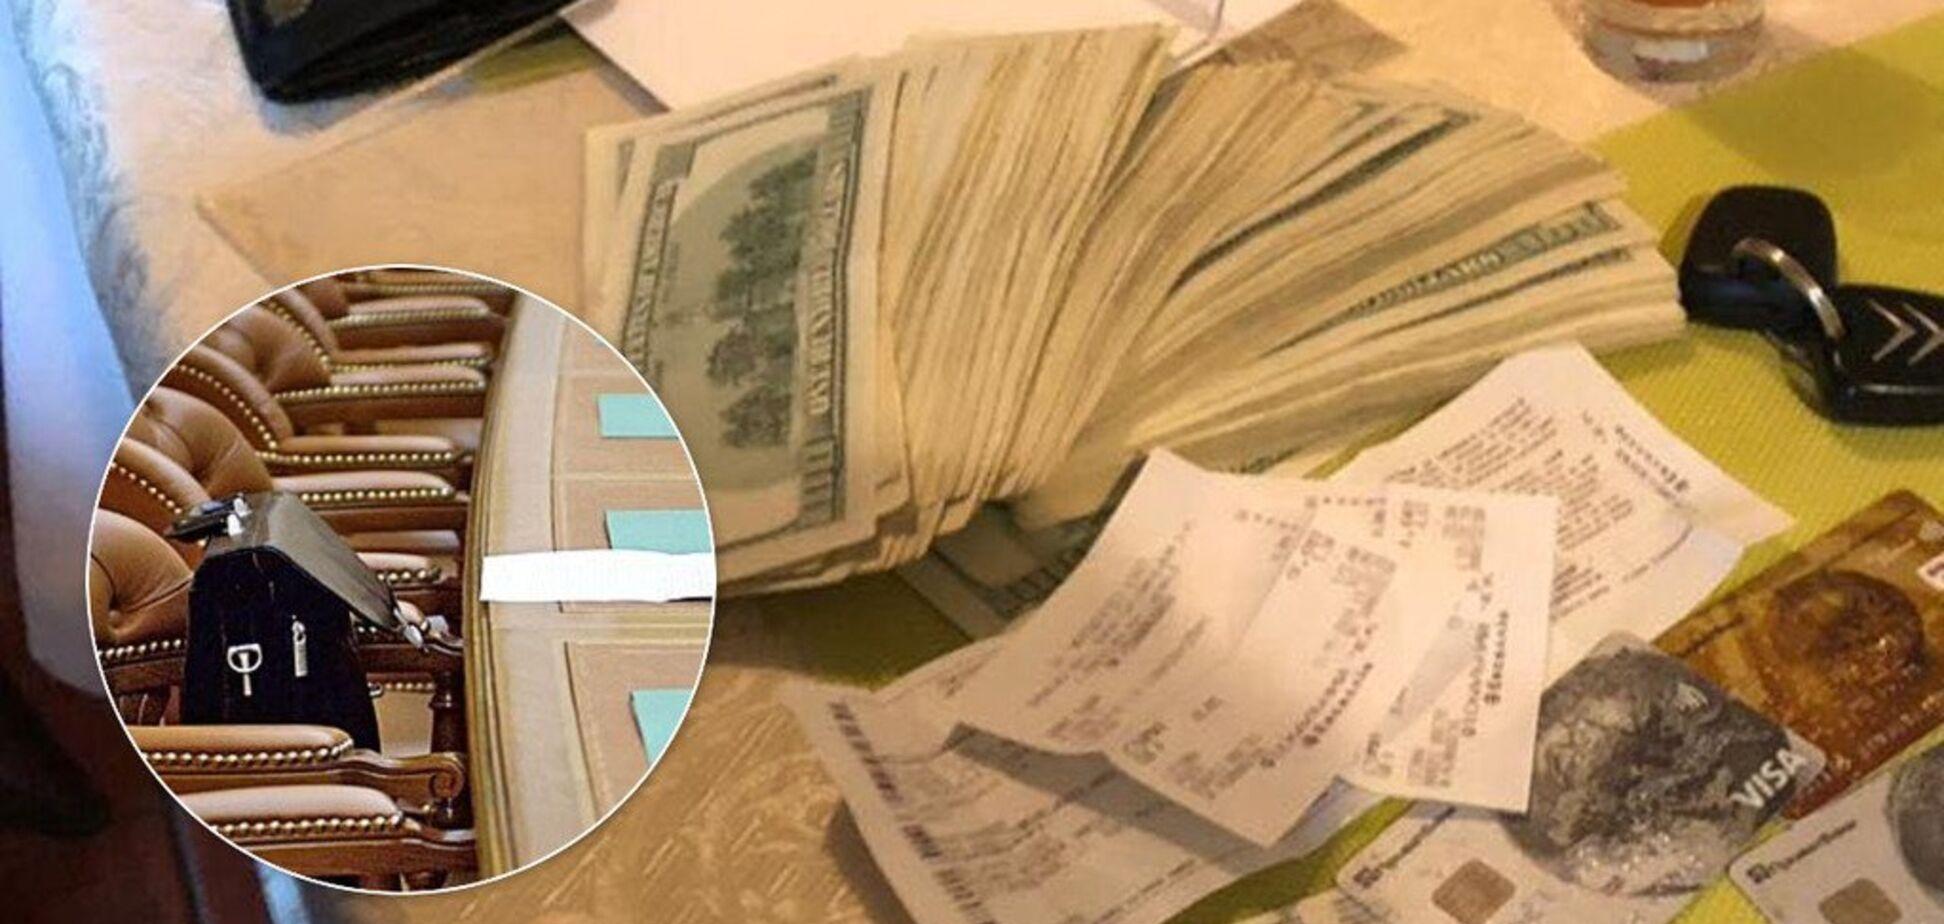 Дом Разумкову и 1,5 млн евро за 'Слугу народа': сколько требуют за 'должность во власти'